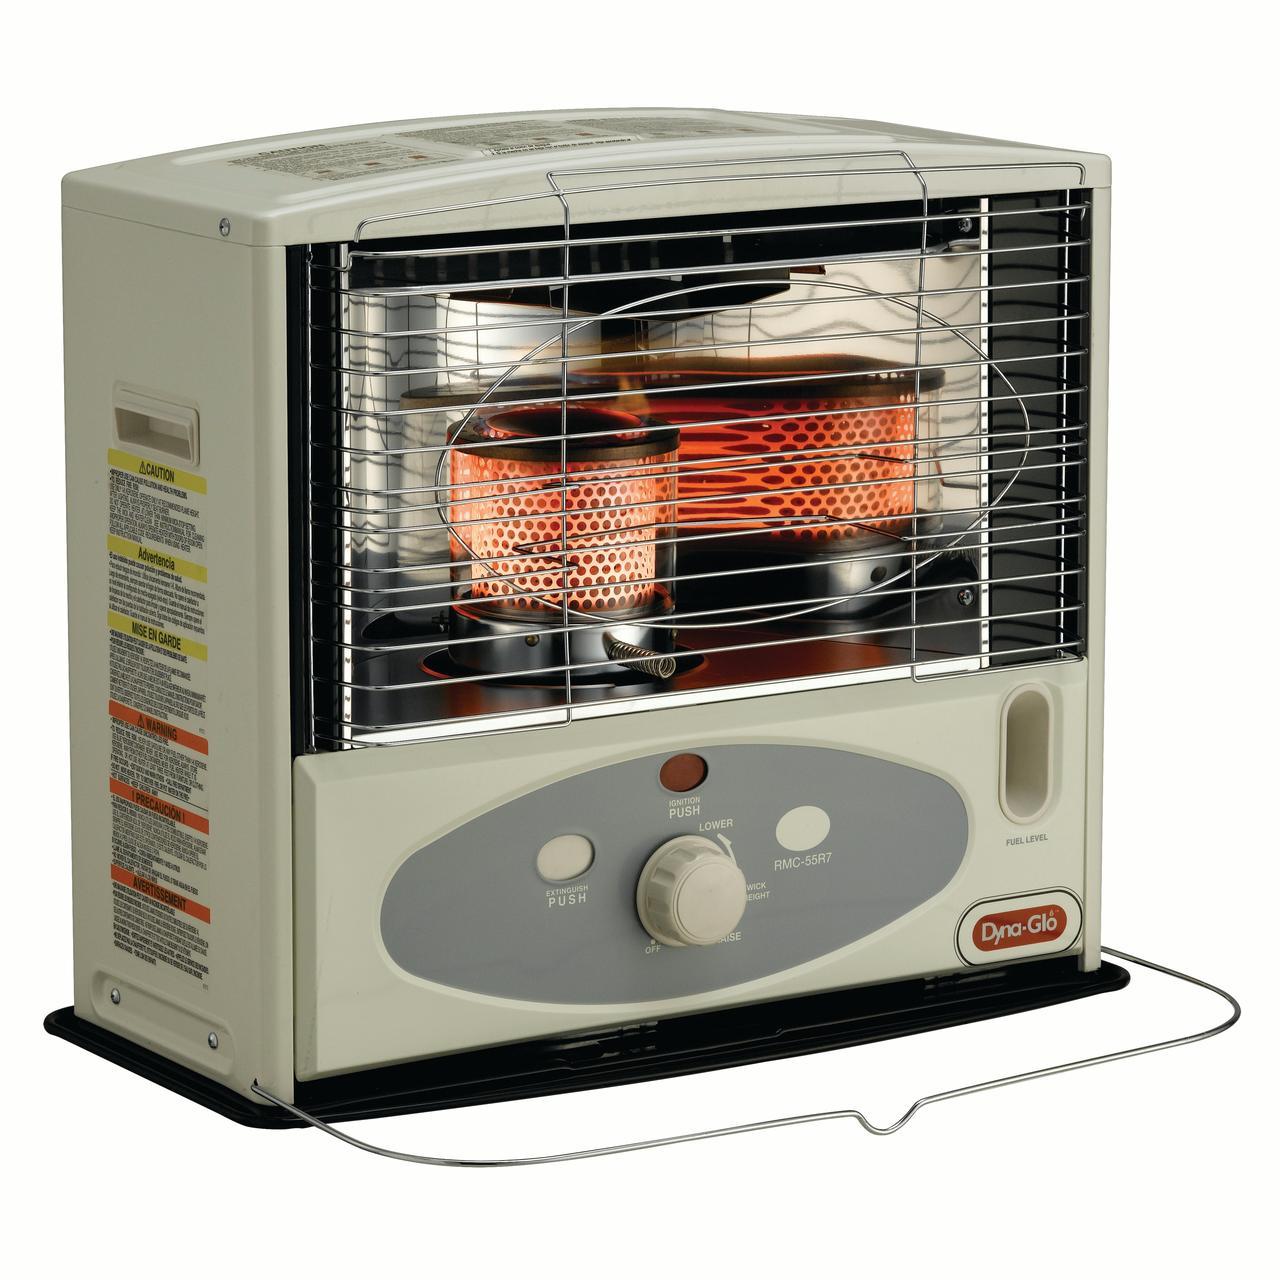 Dyna-Glo RMC-55R7 10,000 BTU Indoor Kerosene Radiant Heater